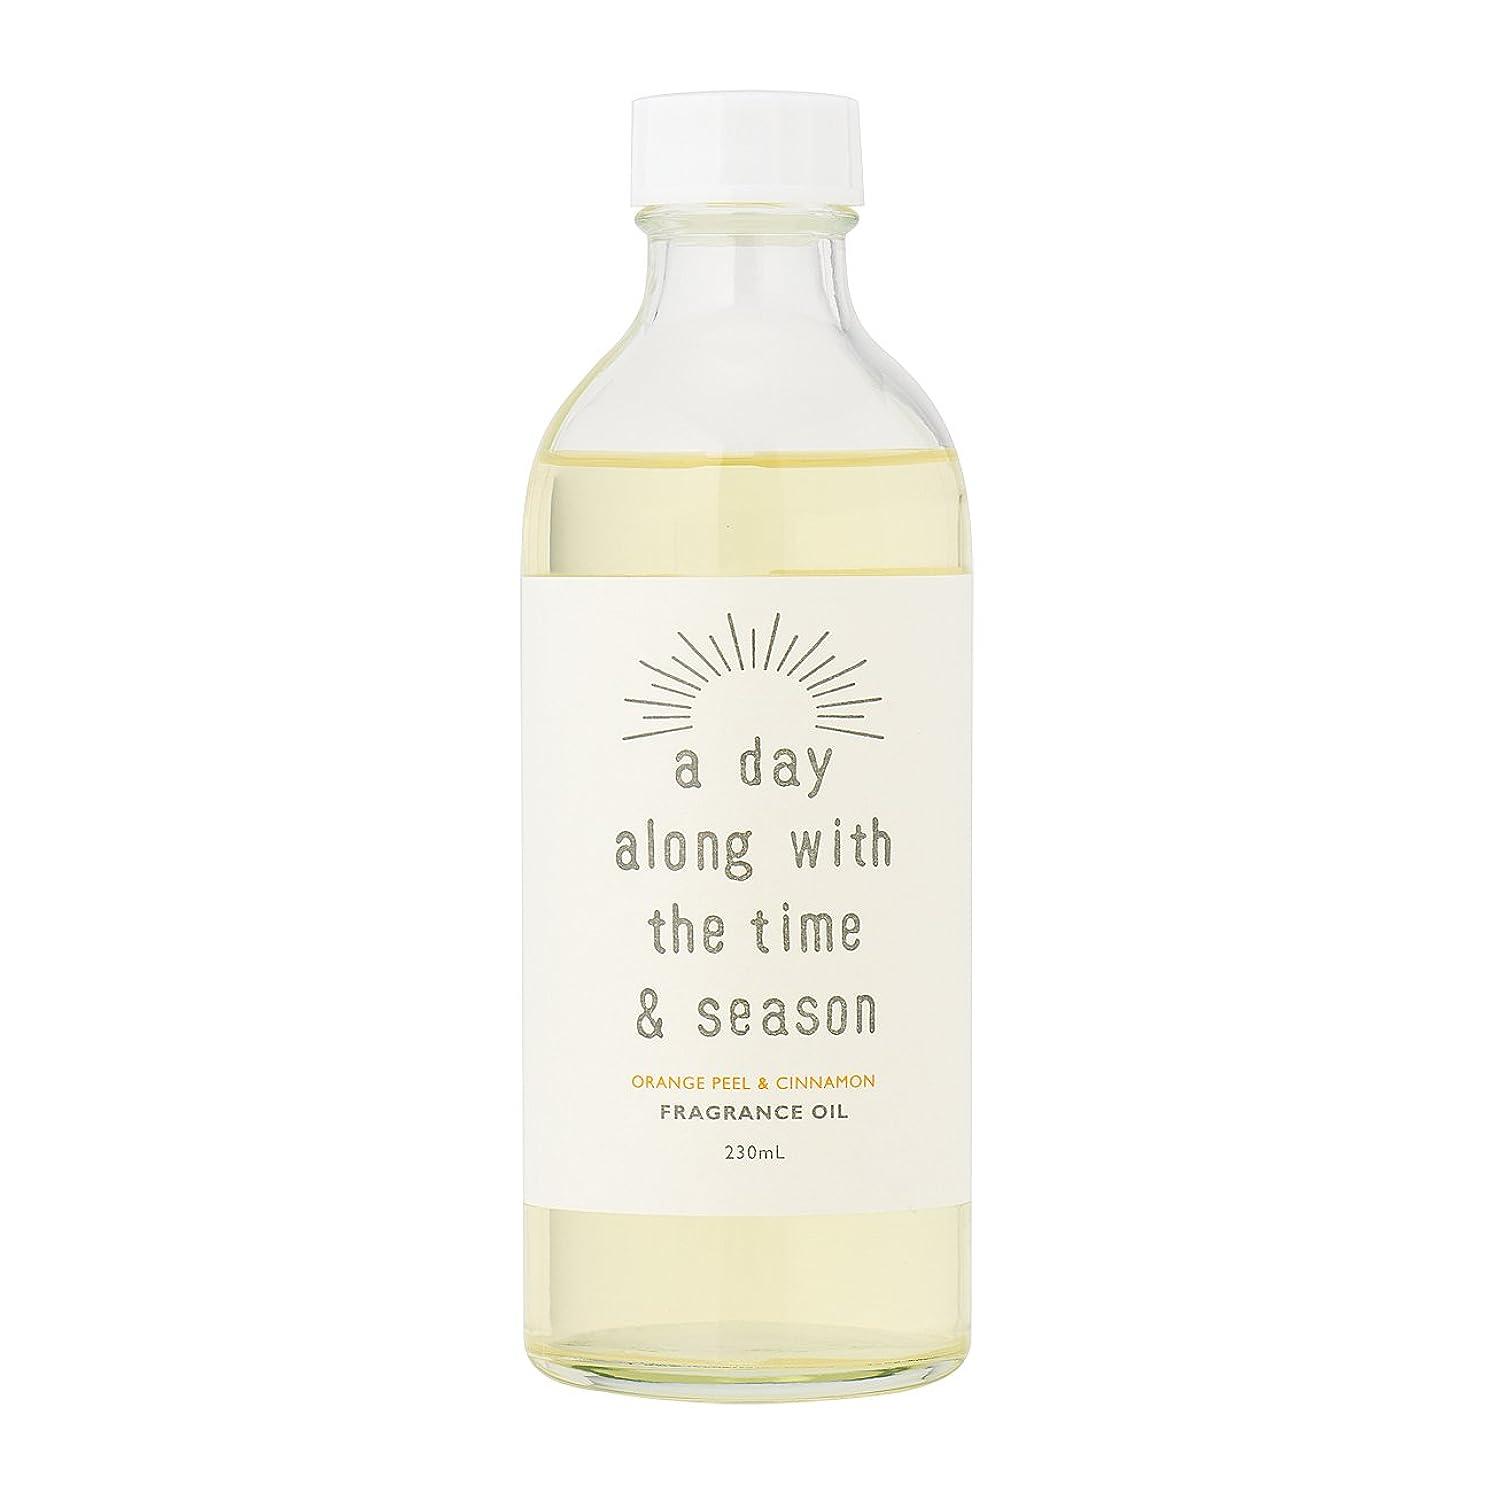 評価上げるコンテンポラリーアデイ(a day) リードディフューザー リフィル オレンジピール&シナモン 230ml(芳香剤 詰め替え用 甘酸っぱくて爽やかなオレンジピールにシナモンがふわりと広がる香り)